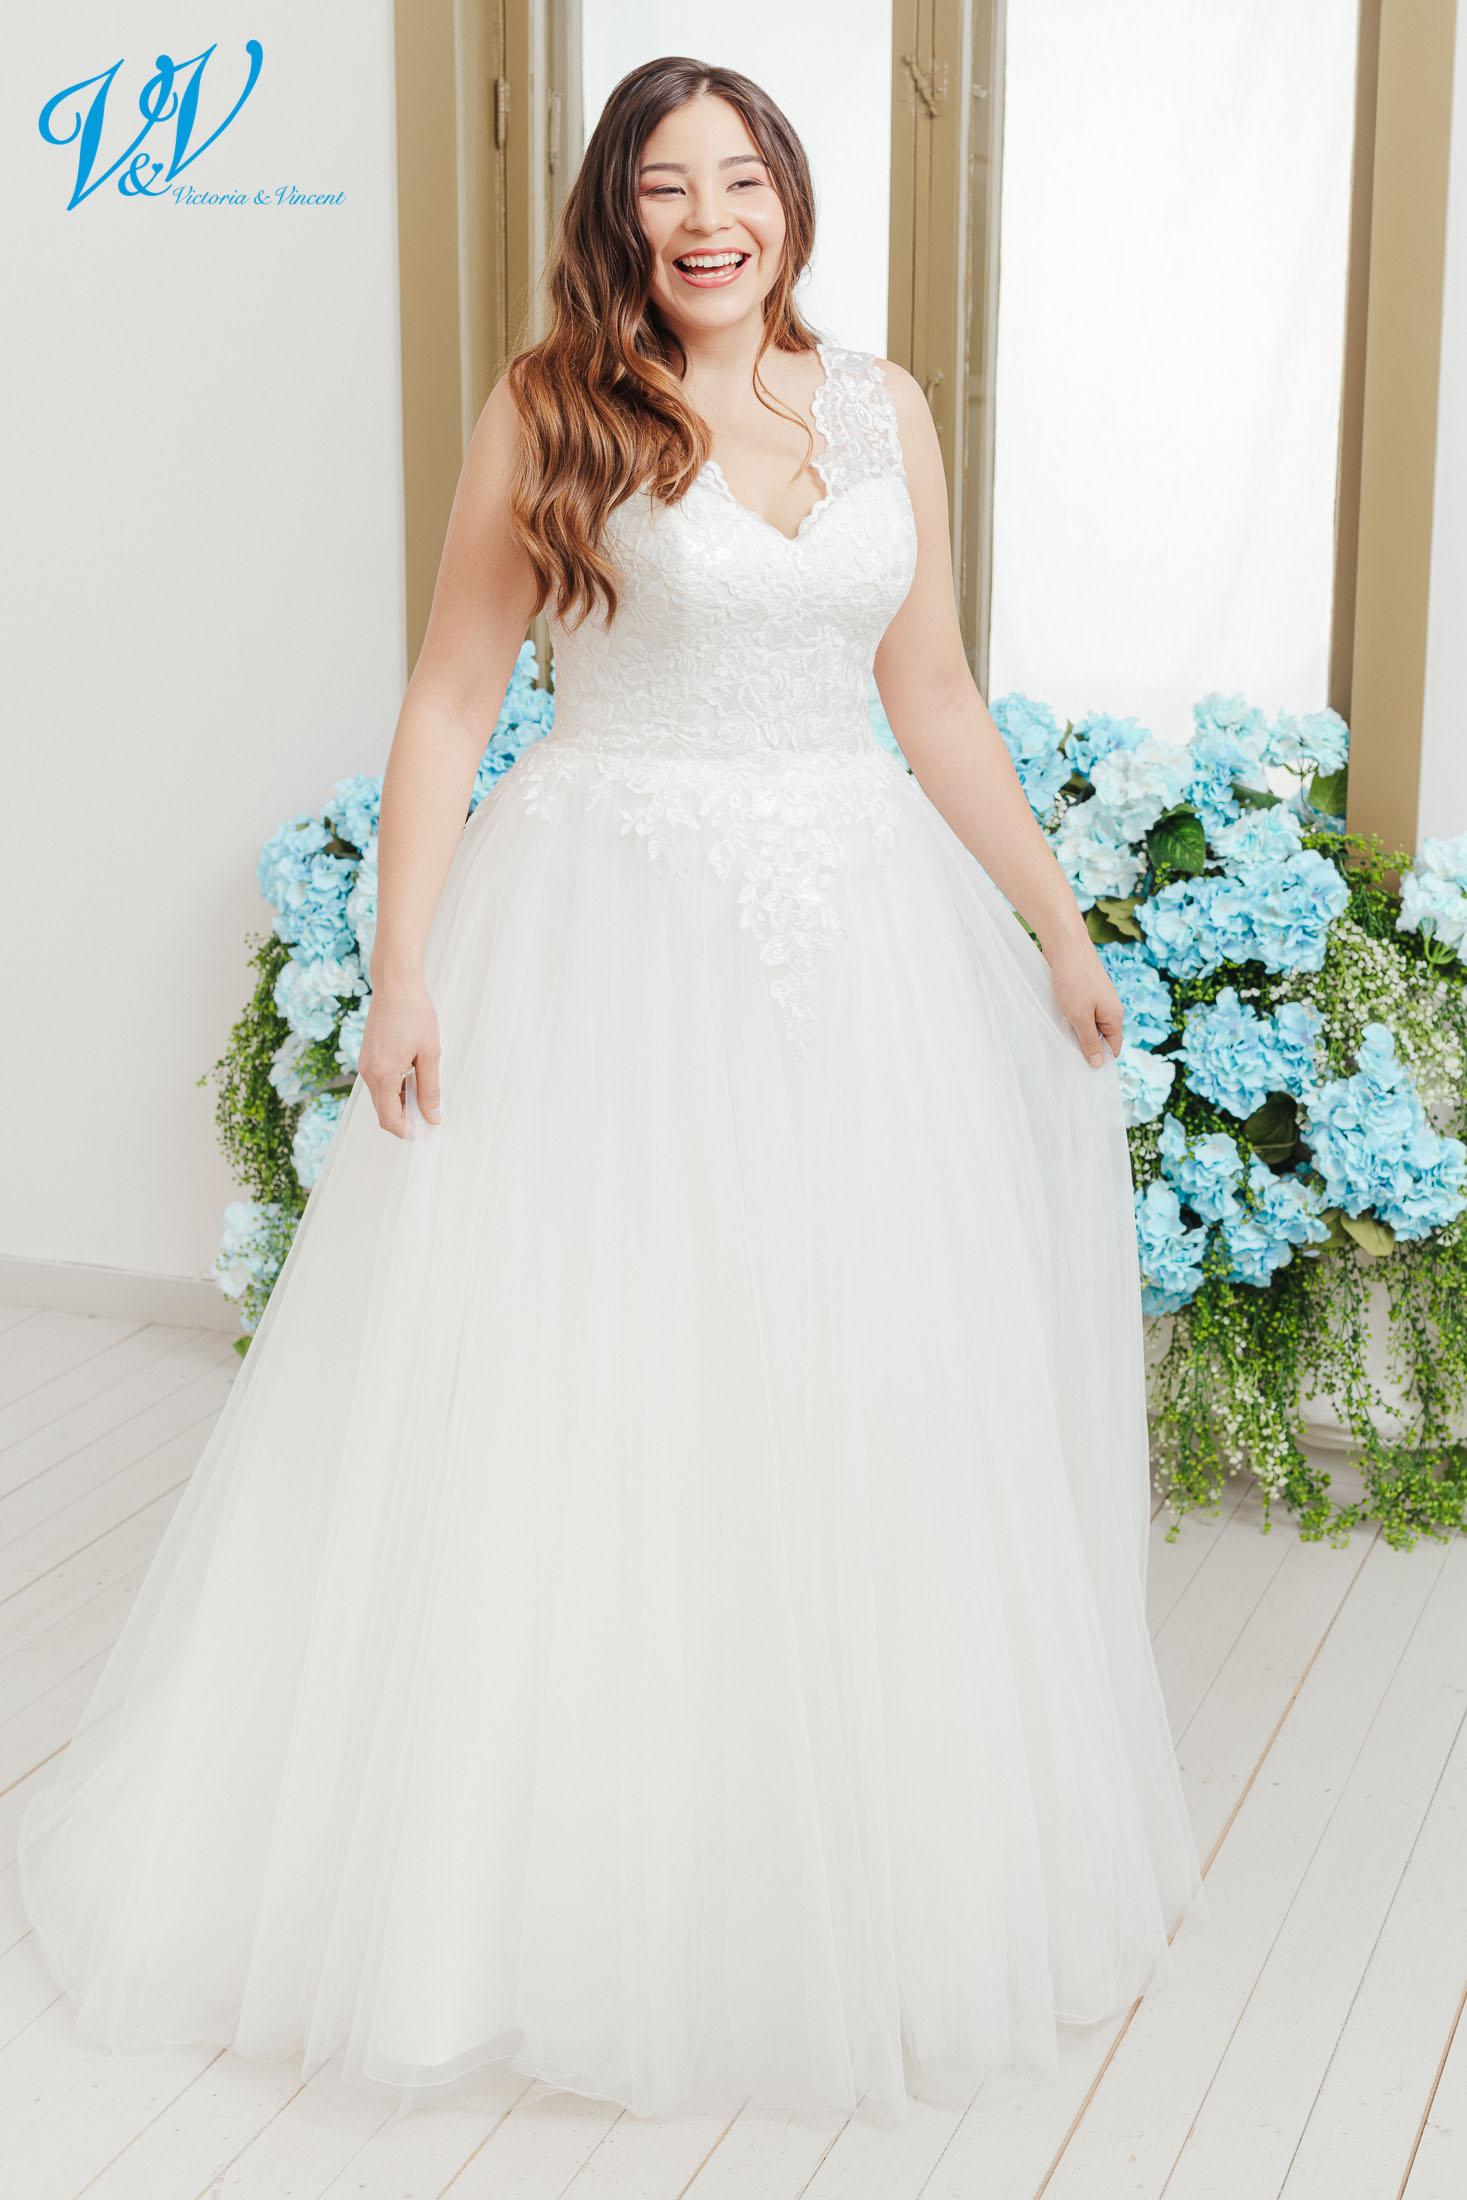 Plus Size Brautkleid. Romantisches große Größen Hochzeitskleid für kurvige Bräute. Breite Schulterriemen und der V-Ausschnitt vervollständigen den klassischen Look. Eingebaute Corsage für einen guten Sitz. Das Hochzeitskleid im Bild hat Farbe ivory, dieses Kleid ist auch erhältlich in weiss.